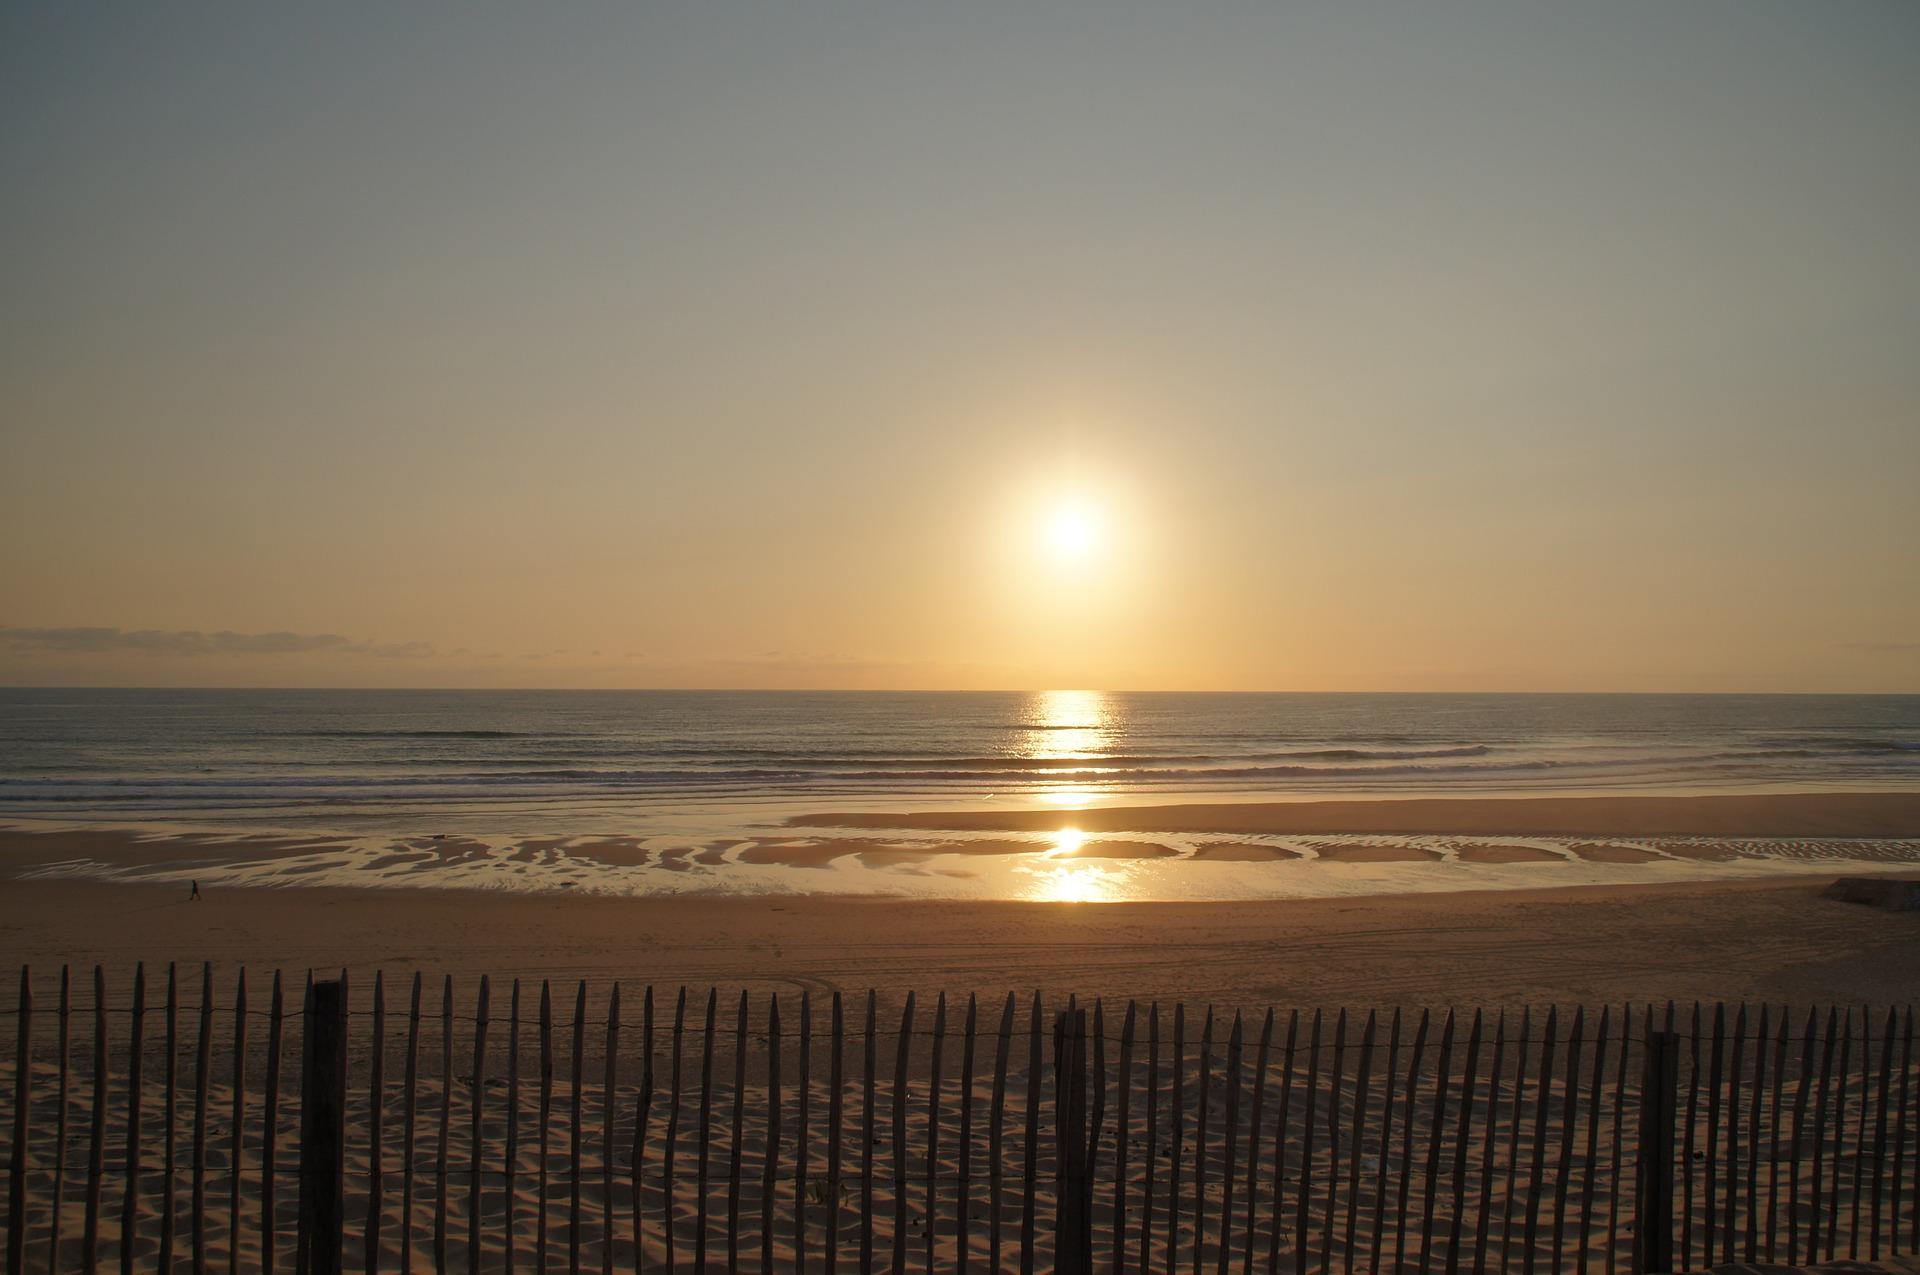 常滑 多摩海岸_ウミガメが産卵に訪れる海岸。美しい海なんですね・・・。sunset-854707_1920